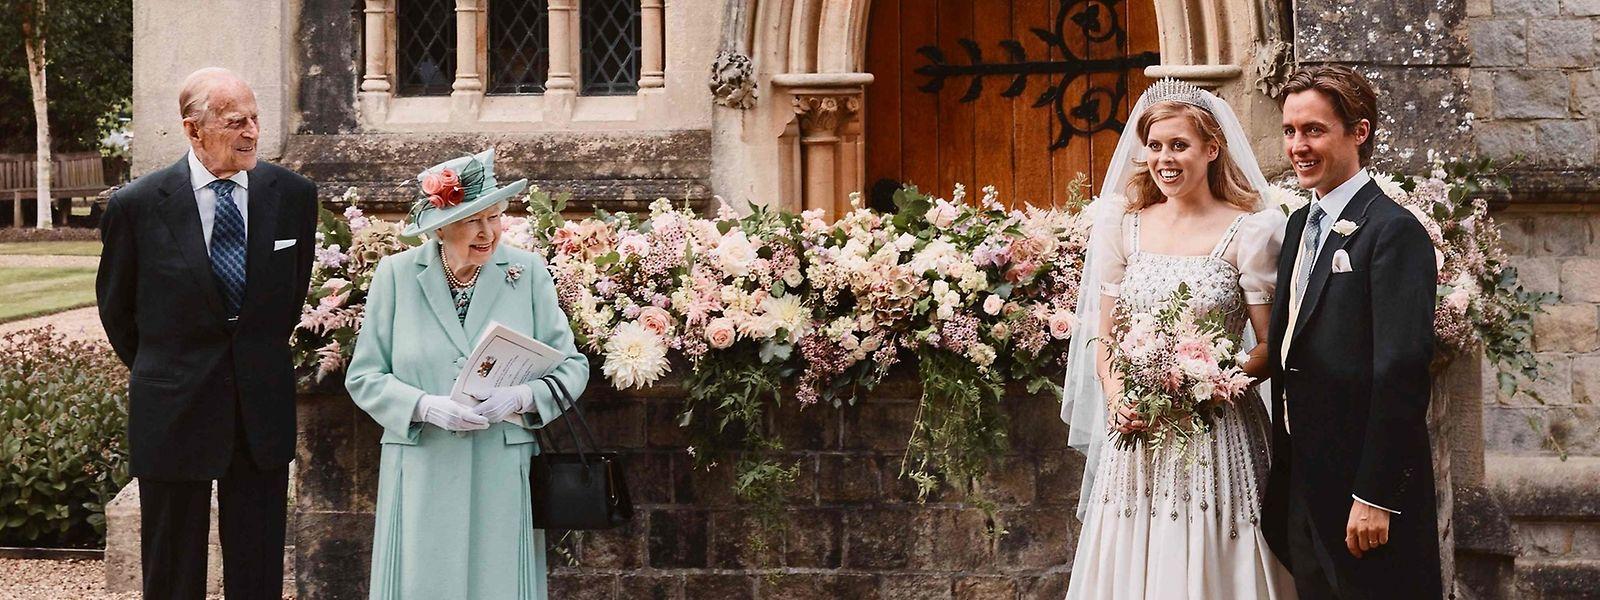 Kleid Queen Hochzeit  seattle 2022